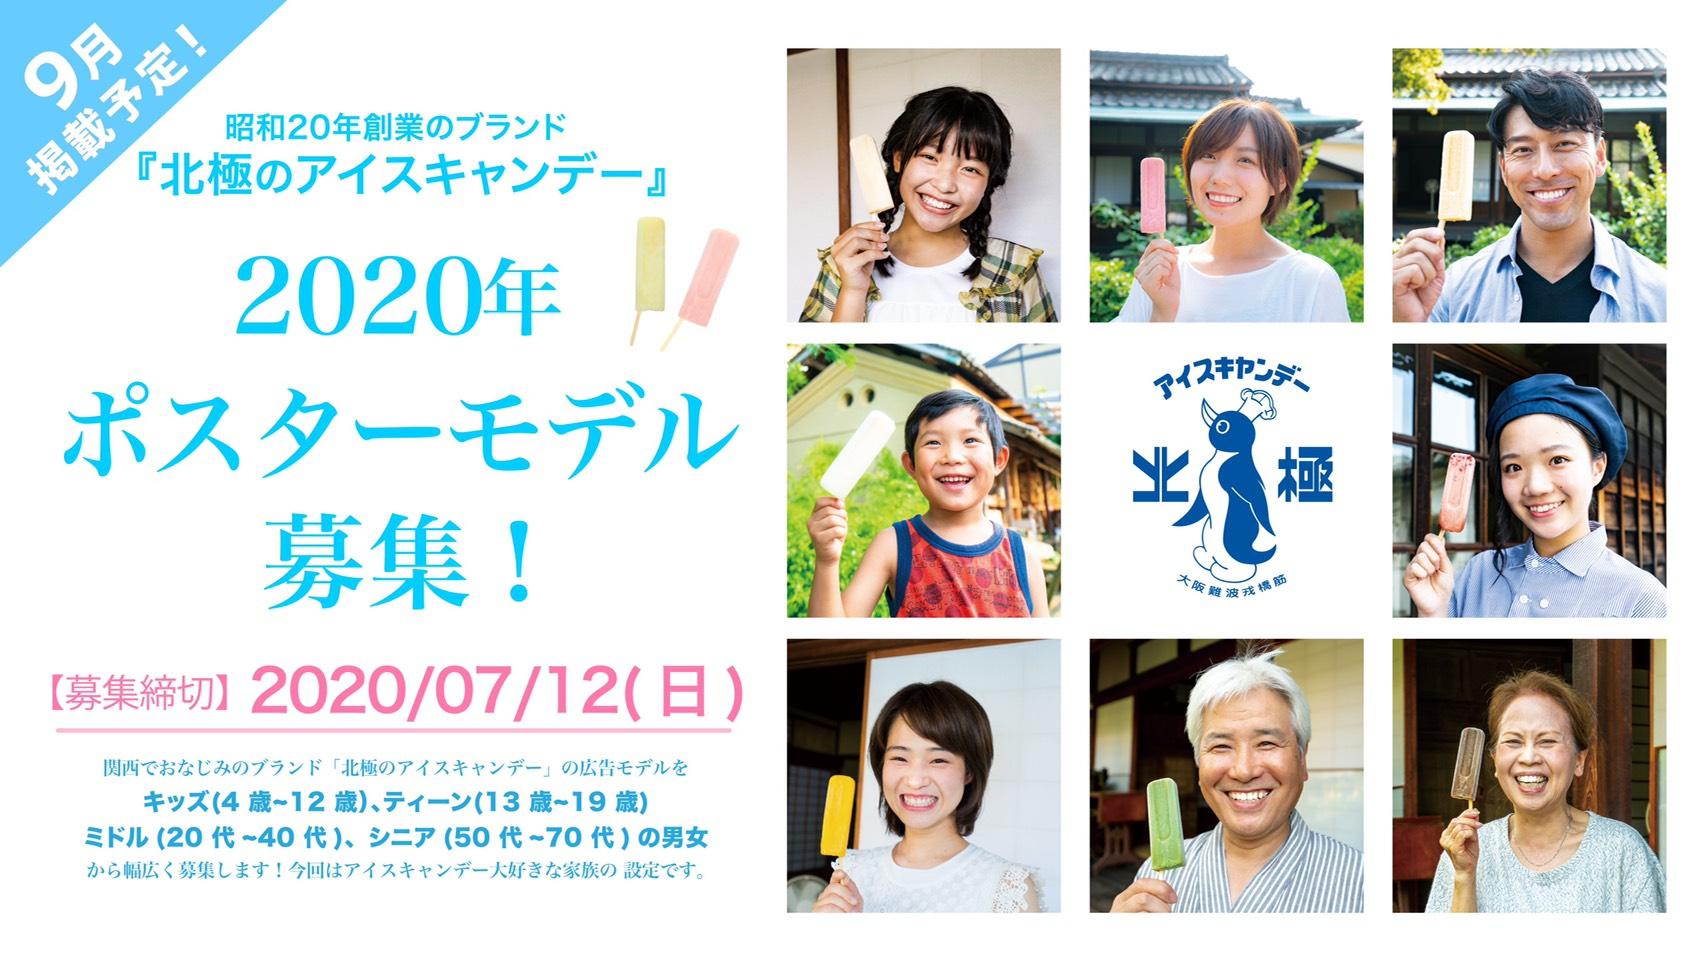 【応募受付終了】昭和20年創業のブランド『北極のアイスキャンデー』2020年ポスターモデル募集!